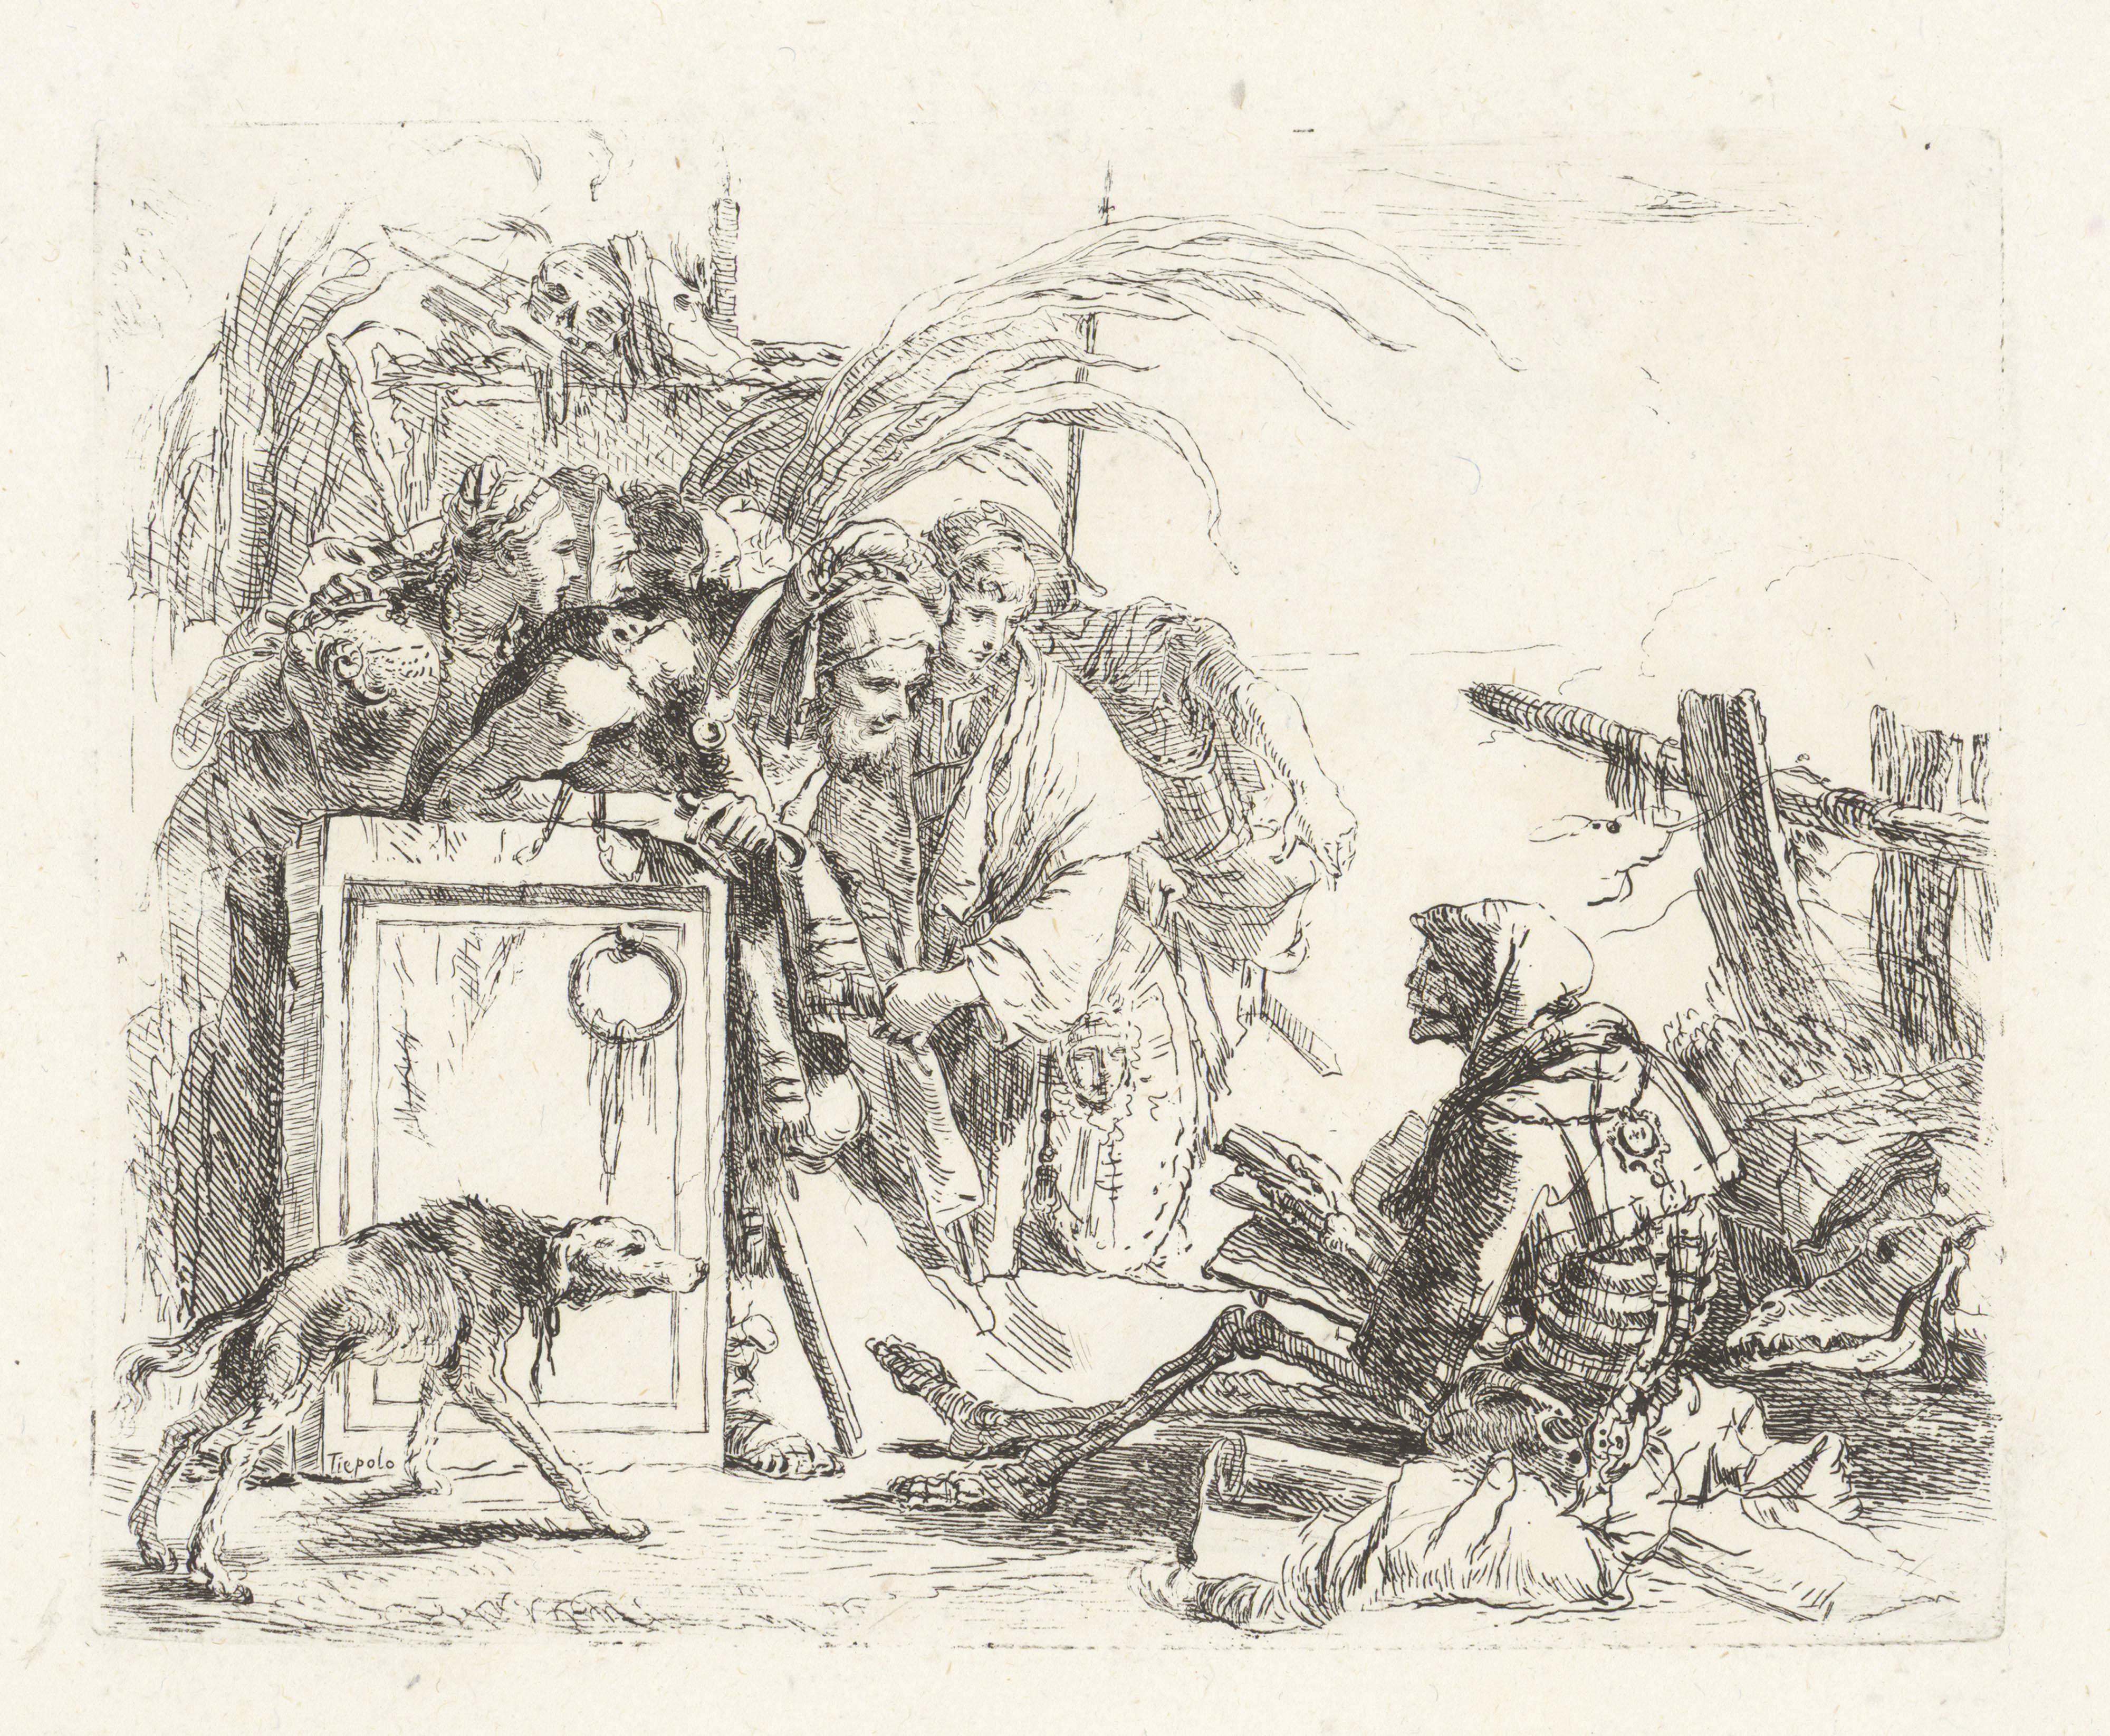 GIOVANNI BAT T I S TA TIEPOLO Der Tod empfängt zur Audienz, 1741/42 Vari Capricci Hamburger Kunsthalle, Kupferstichkabinett